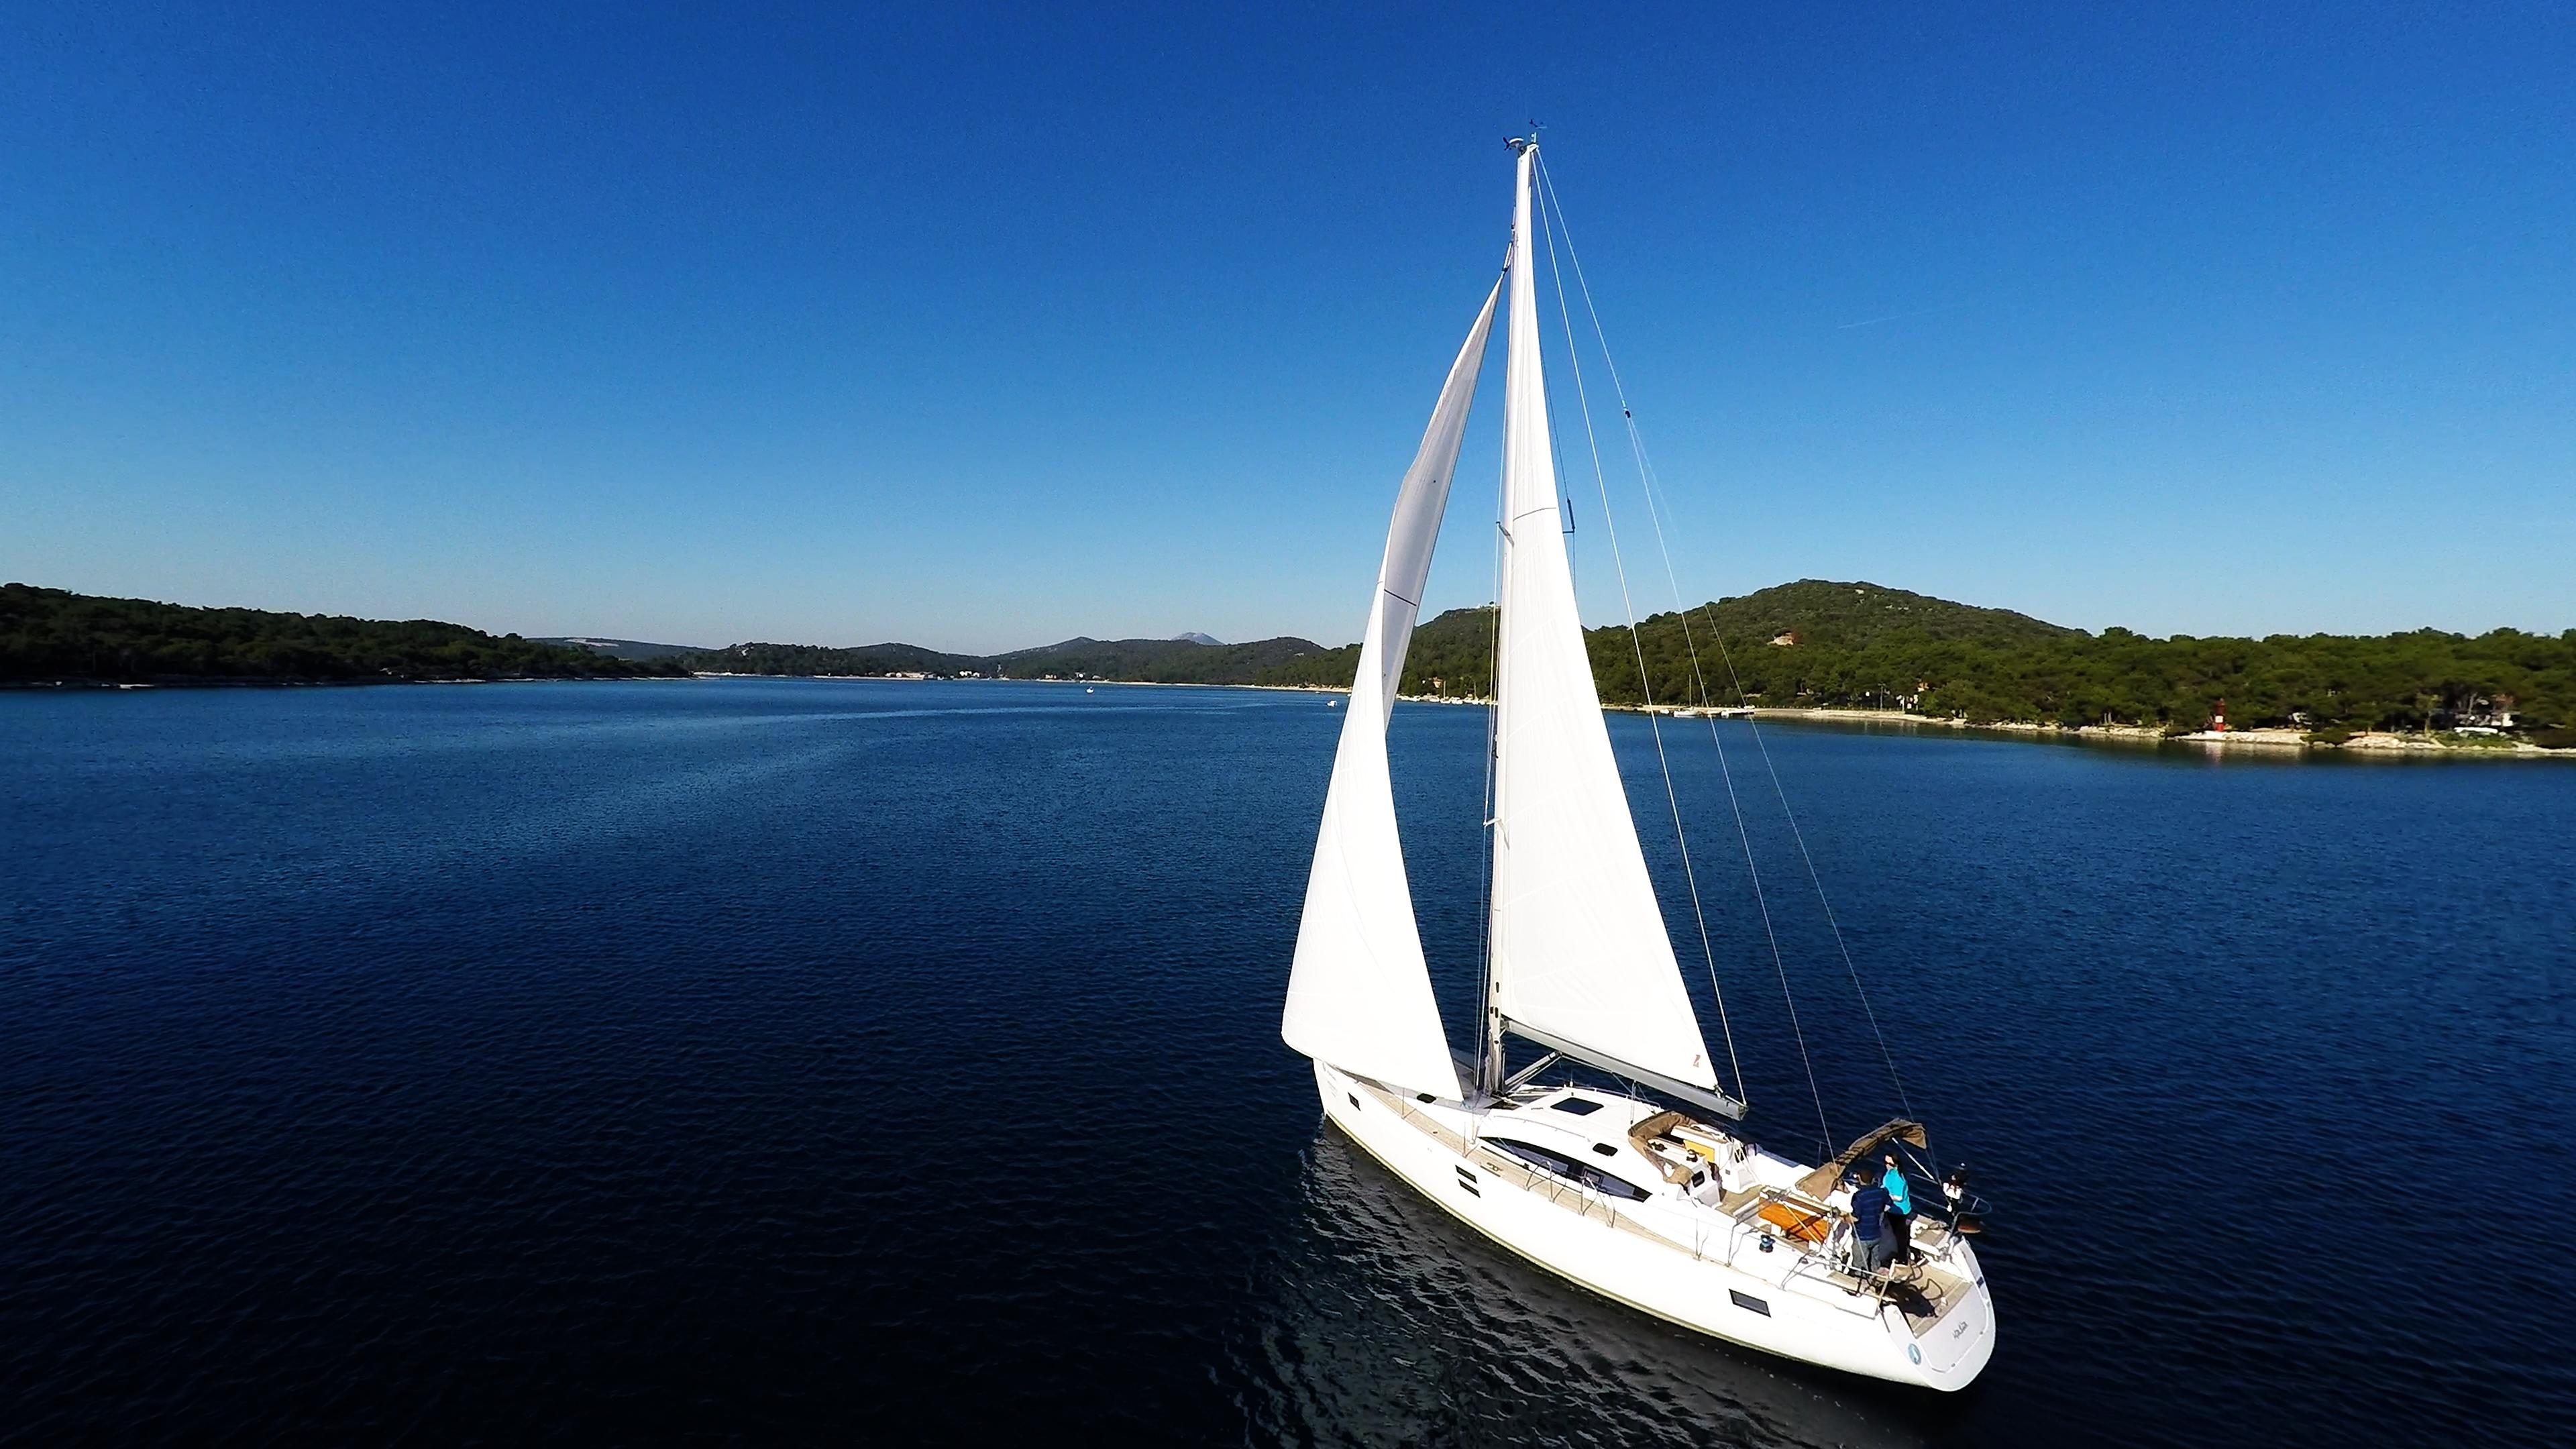 bateau à voile ciel bleu baie de mer bateau à voile voilier voile